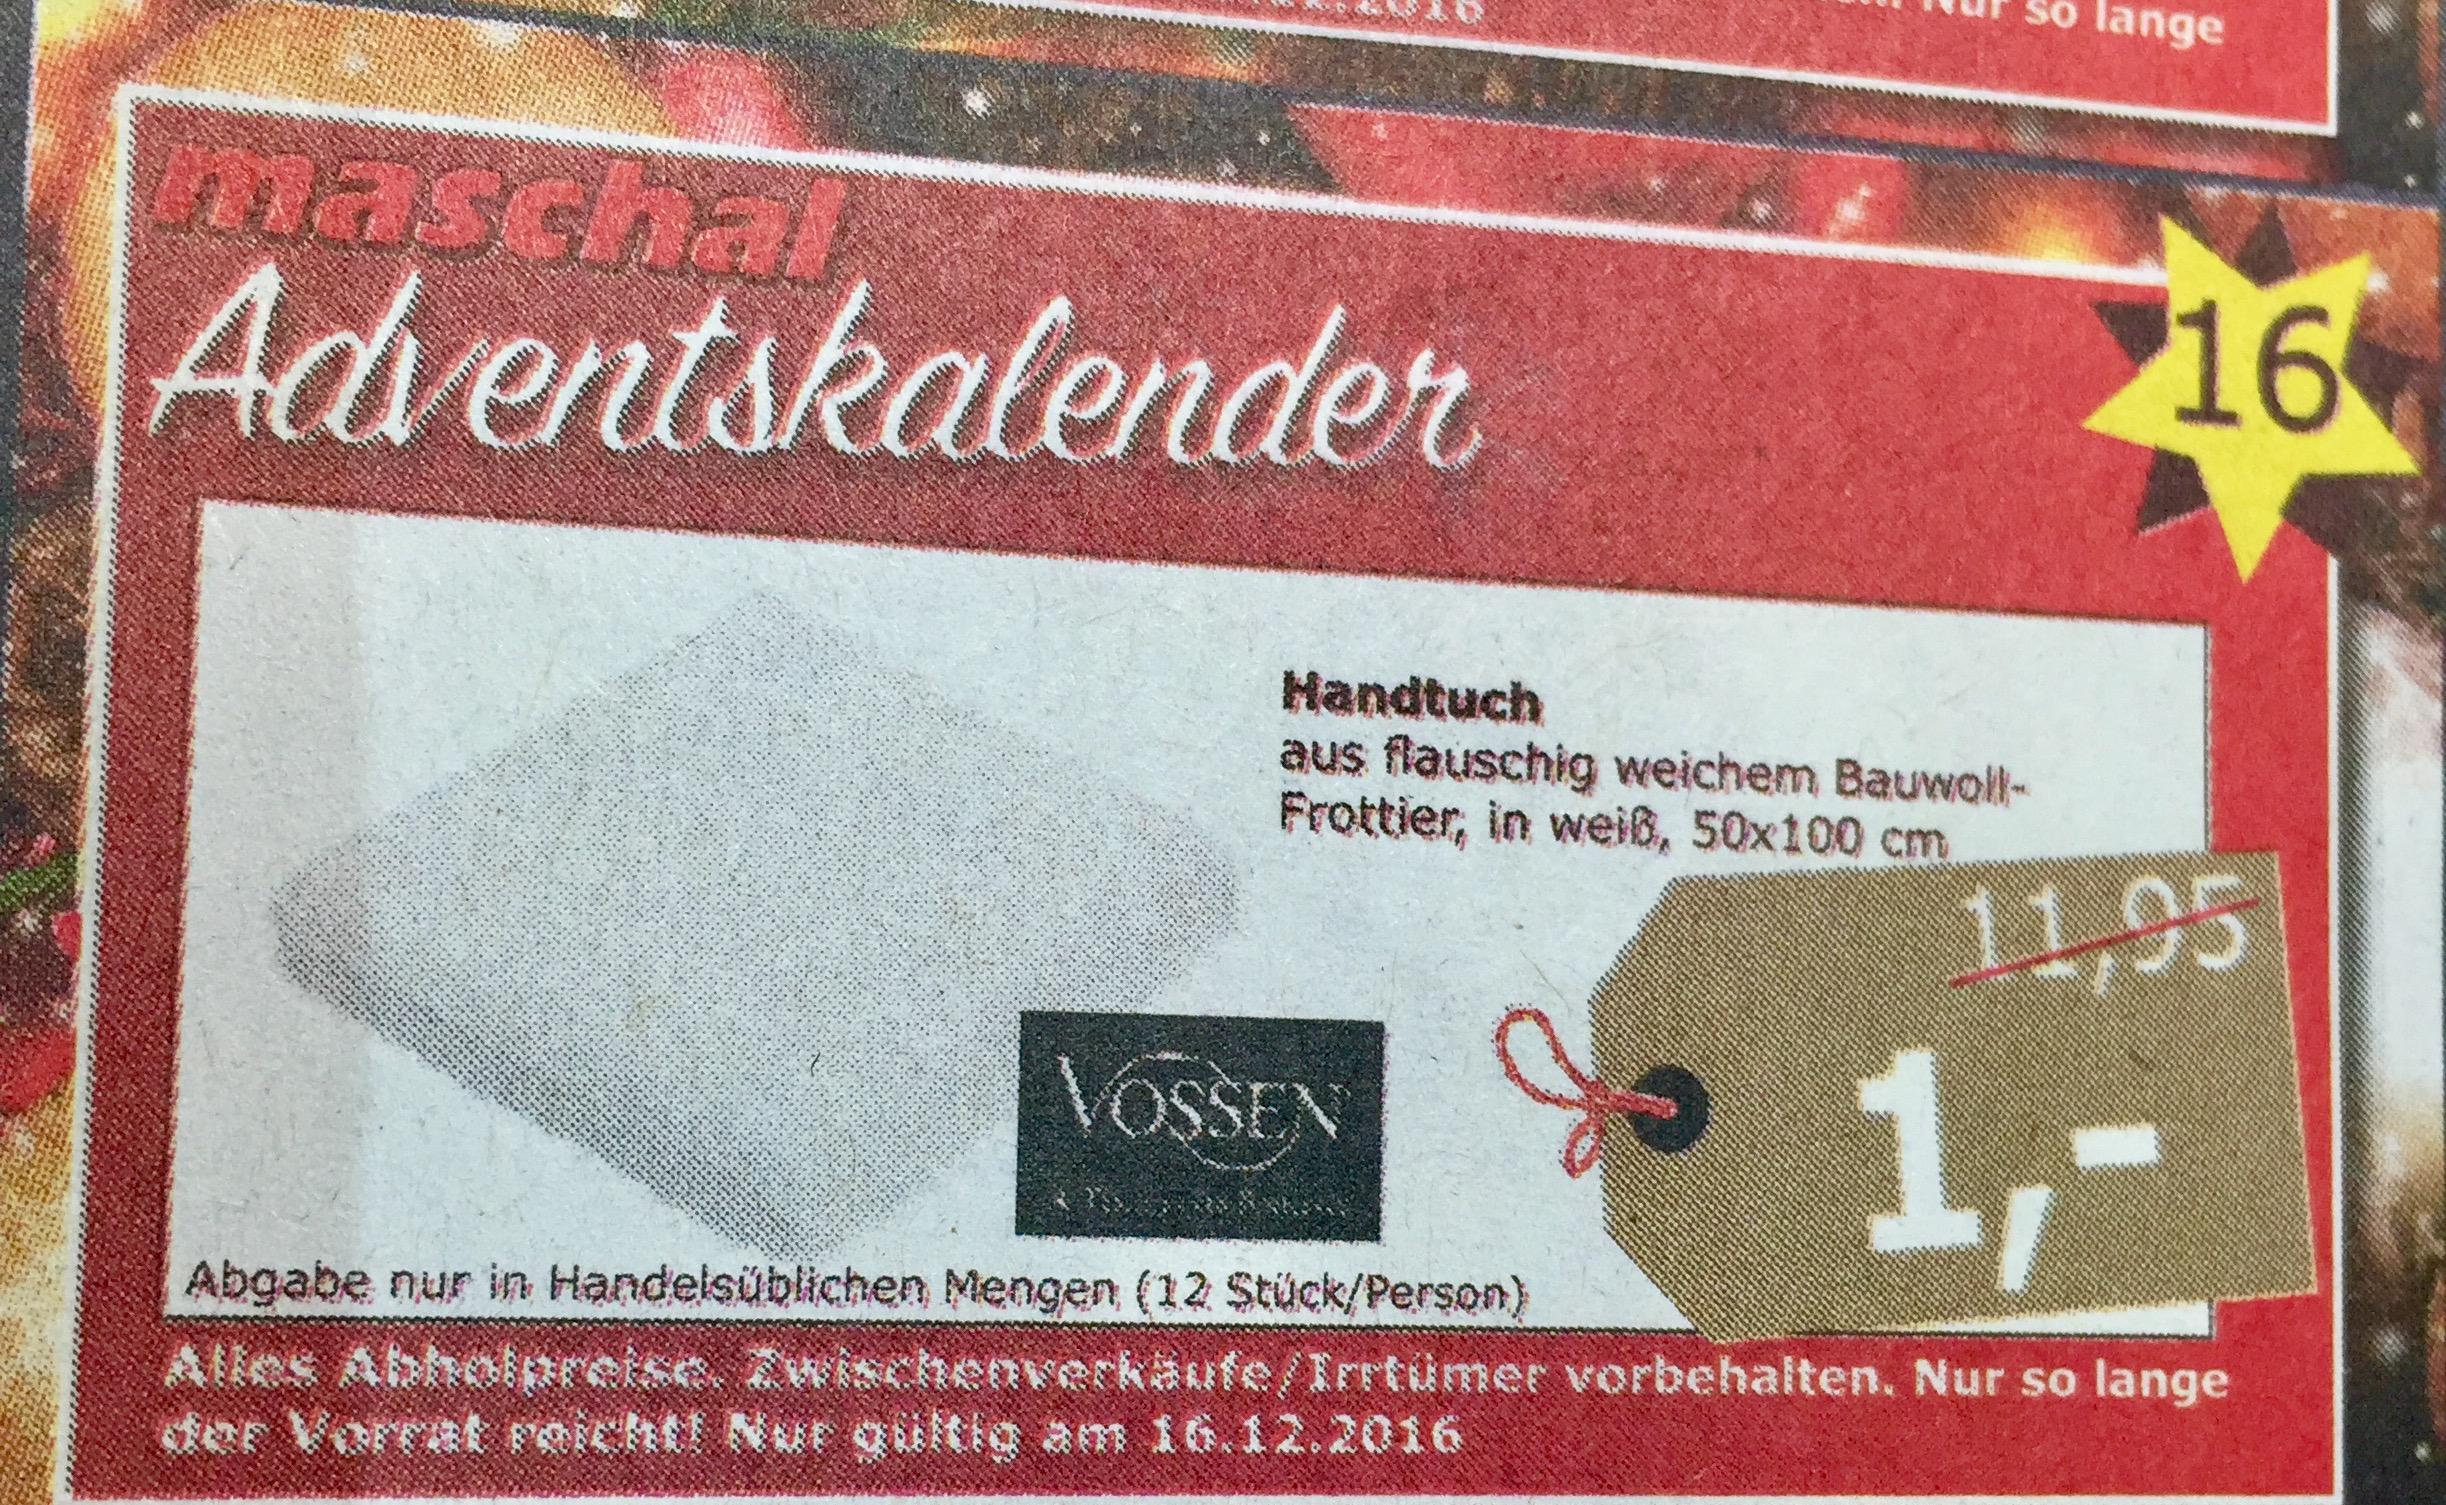 [Lokal Maschal] Vossen Handtuch weiß 50x100cm nur 1€, vgl. 8,95€